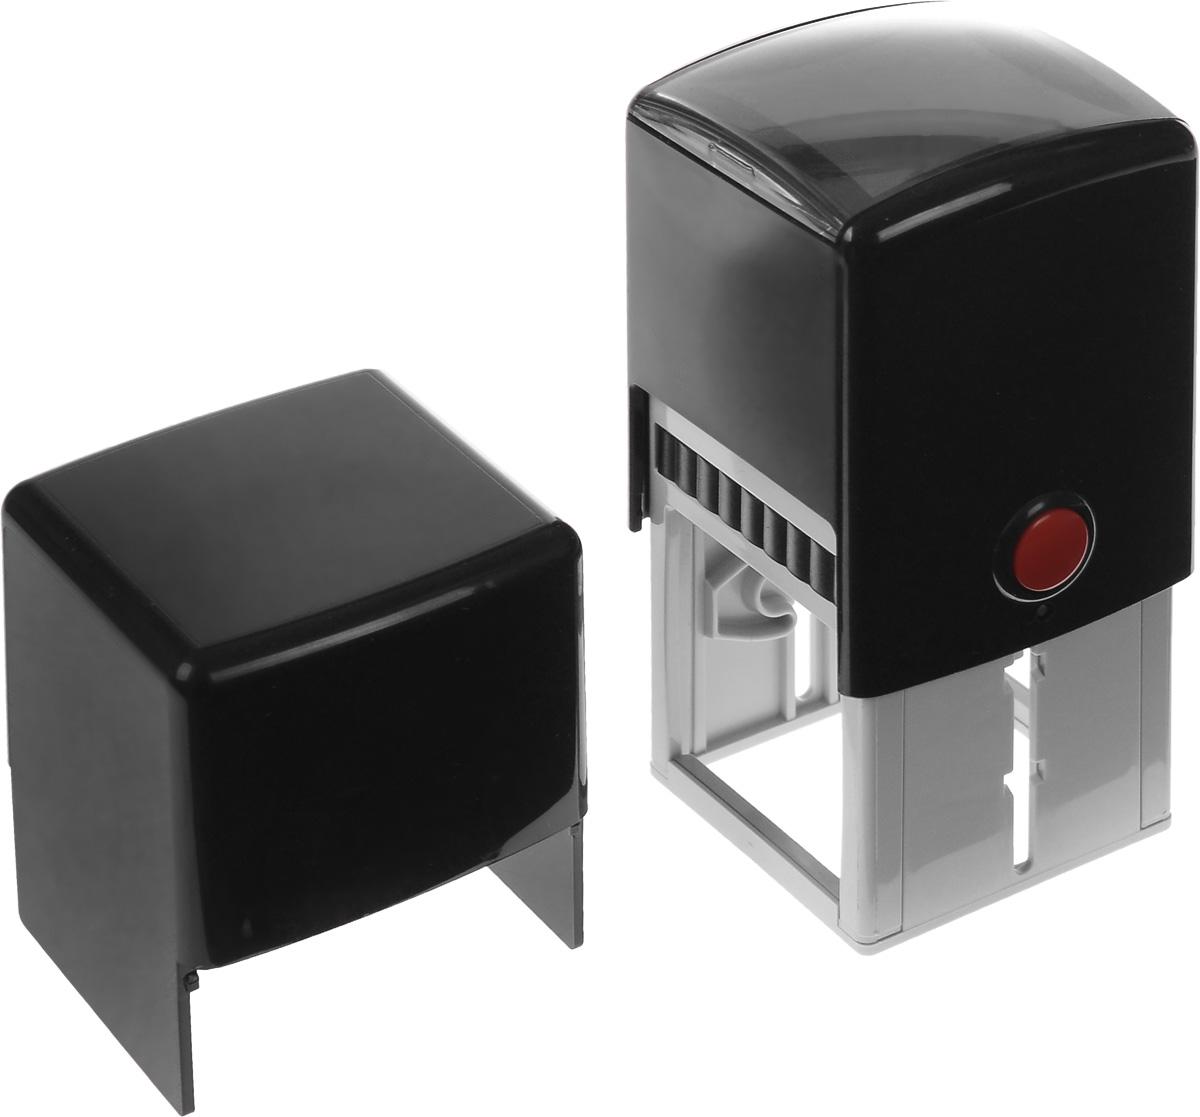 Trodat Оснастка для штампа 40 х 40 мм4924Оснастка для штампа Trodat будет незаменима в отделе кадров или в бухгалтерии любой компании. Прочный пластиковый корпус с автоматическим окрашиванием гарантирует долговечное бесперебойное использование. Модель отличается высочайшим удобством в использовании и оптимально ложится в руку. Оттиск проставляется практически бесшумно, легким нажатием руки. Улучшенная конструкция и видимая площадь печати гарантируют качество и точность оттиска. Текстовые пластины прямоугольной или круглой формы различного размера под изготовление клише по индивидуальному заказу. Оснастка для штампа Trodat идеальна для ежедневного использования в офисе.